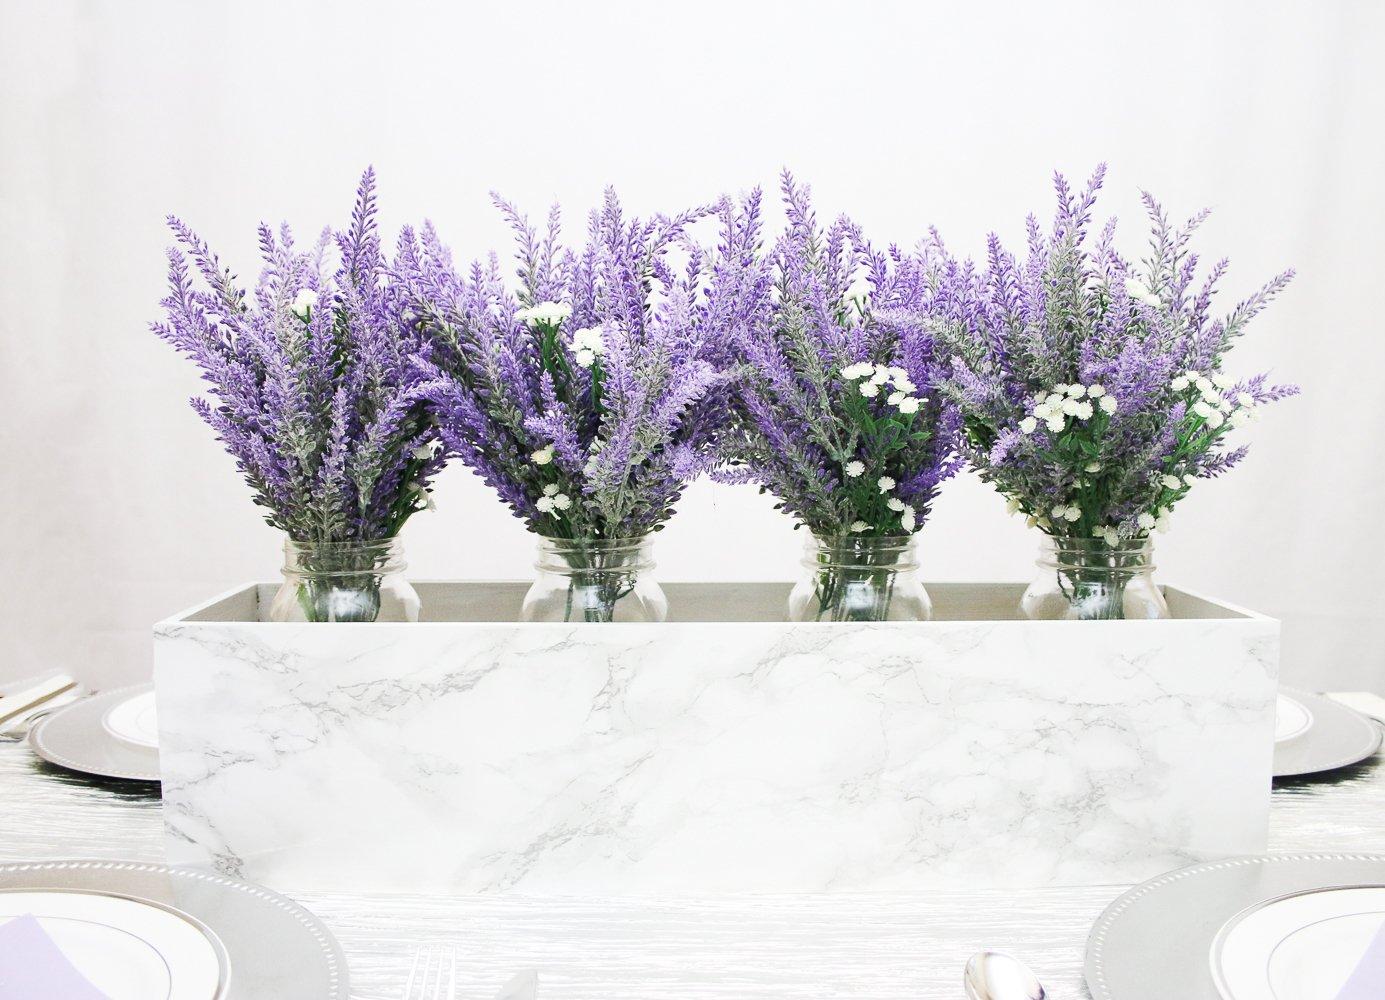 Amazon.com: DearHouse 5 Bundles Artificial Flower Lavender Bouquet ...